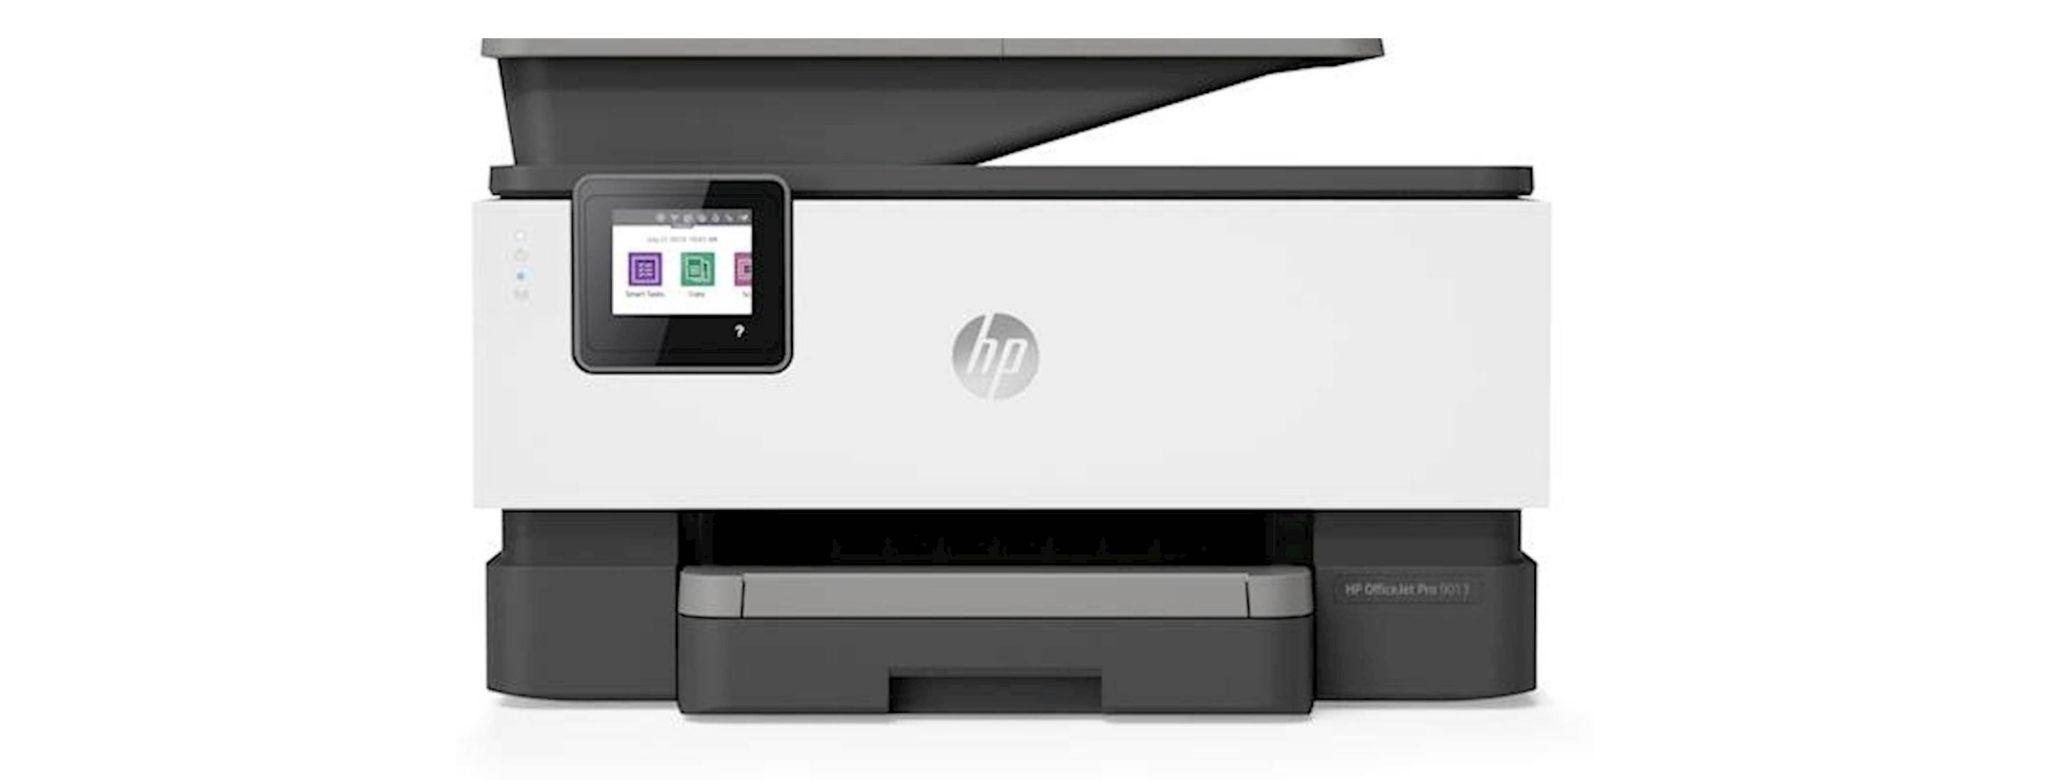 HP%20OfficeJet%20Pro%209013%20(1KR49B)